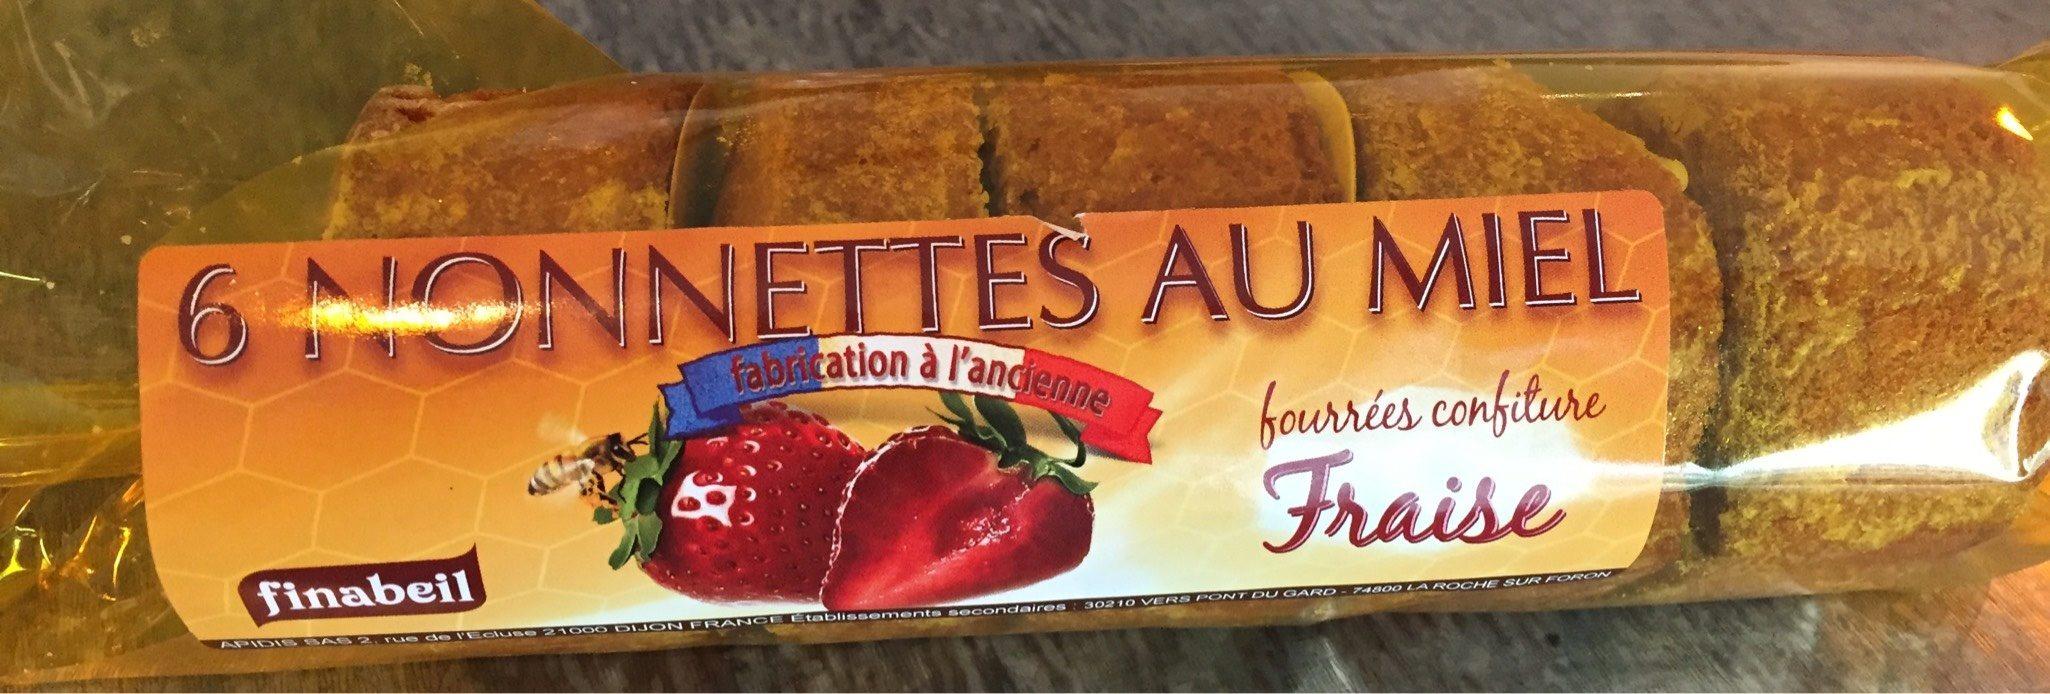 Nonnettes Fourrées Fraise - Produit - fr